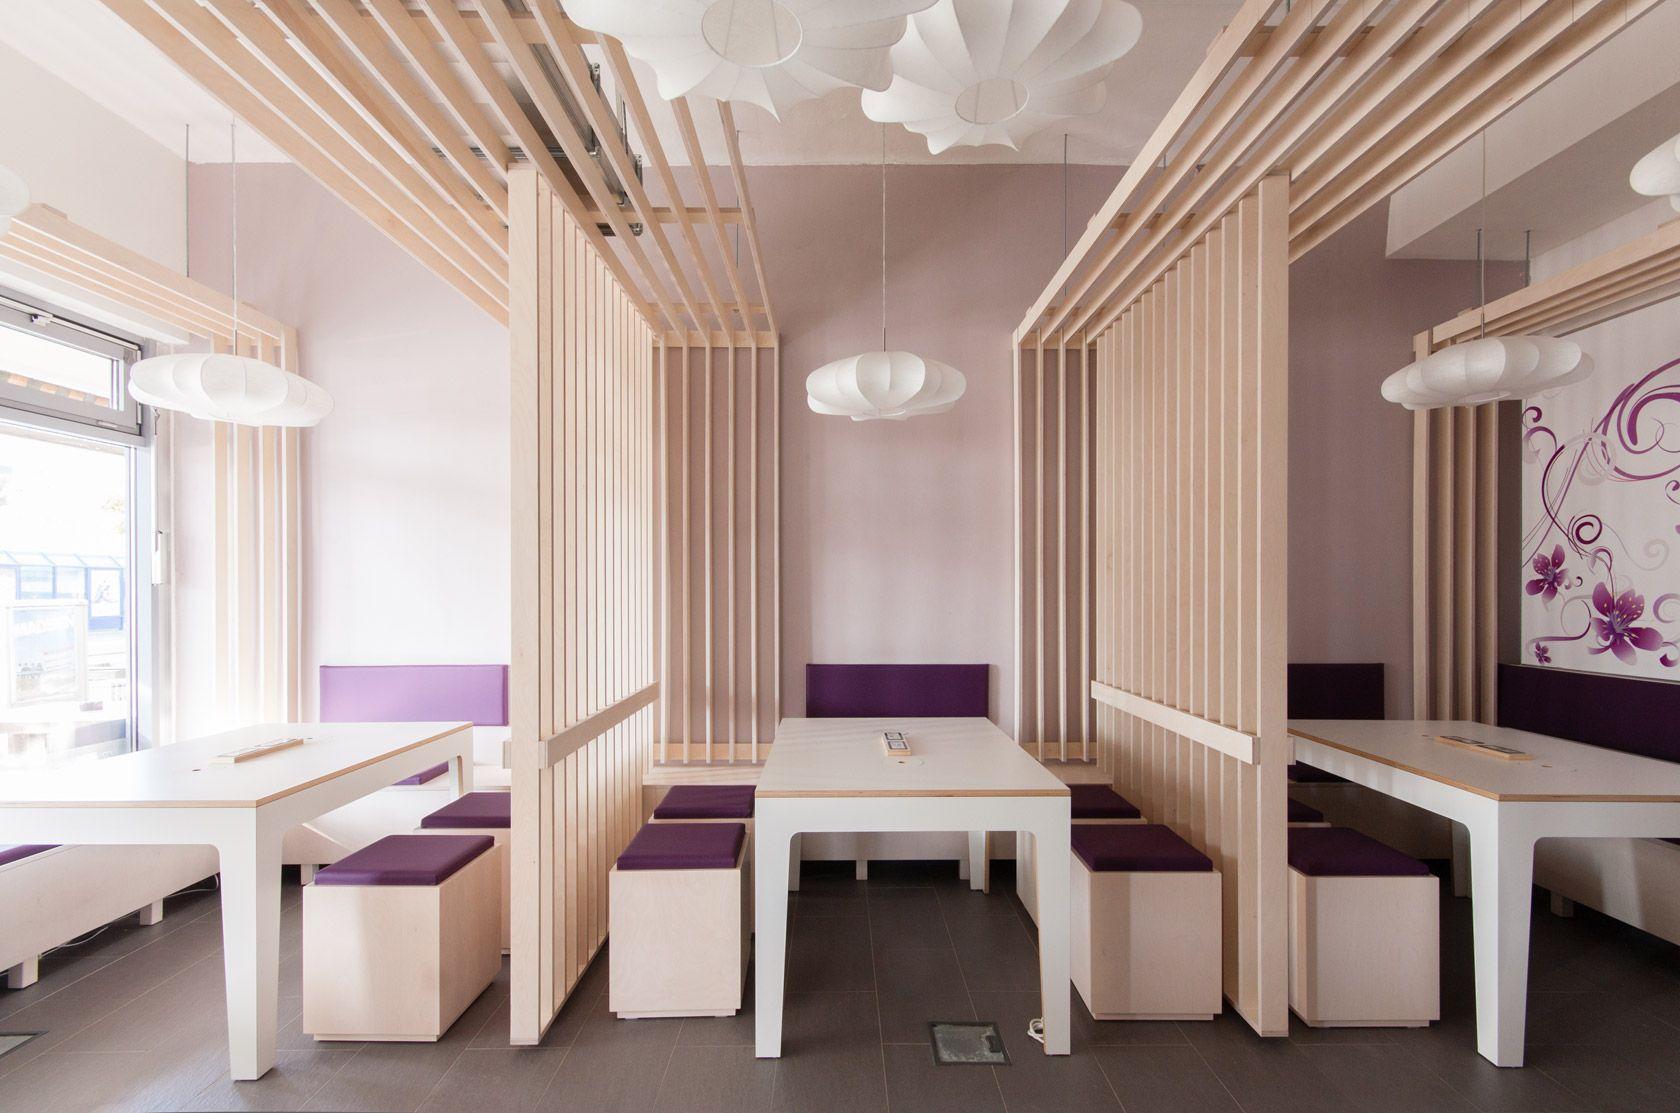 Galerie zendo restaurant sushi shabu shabu noodles for Innenarchitektur darmstadt nc